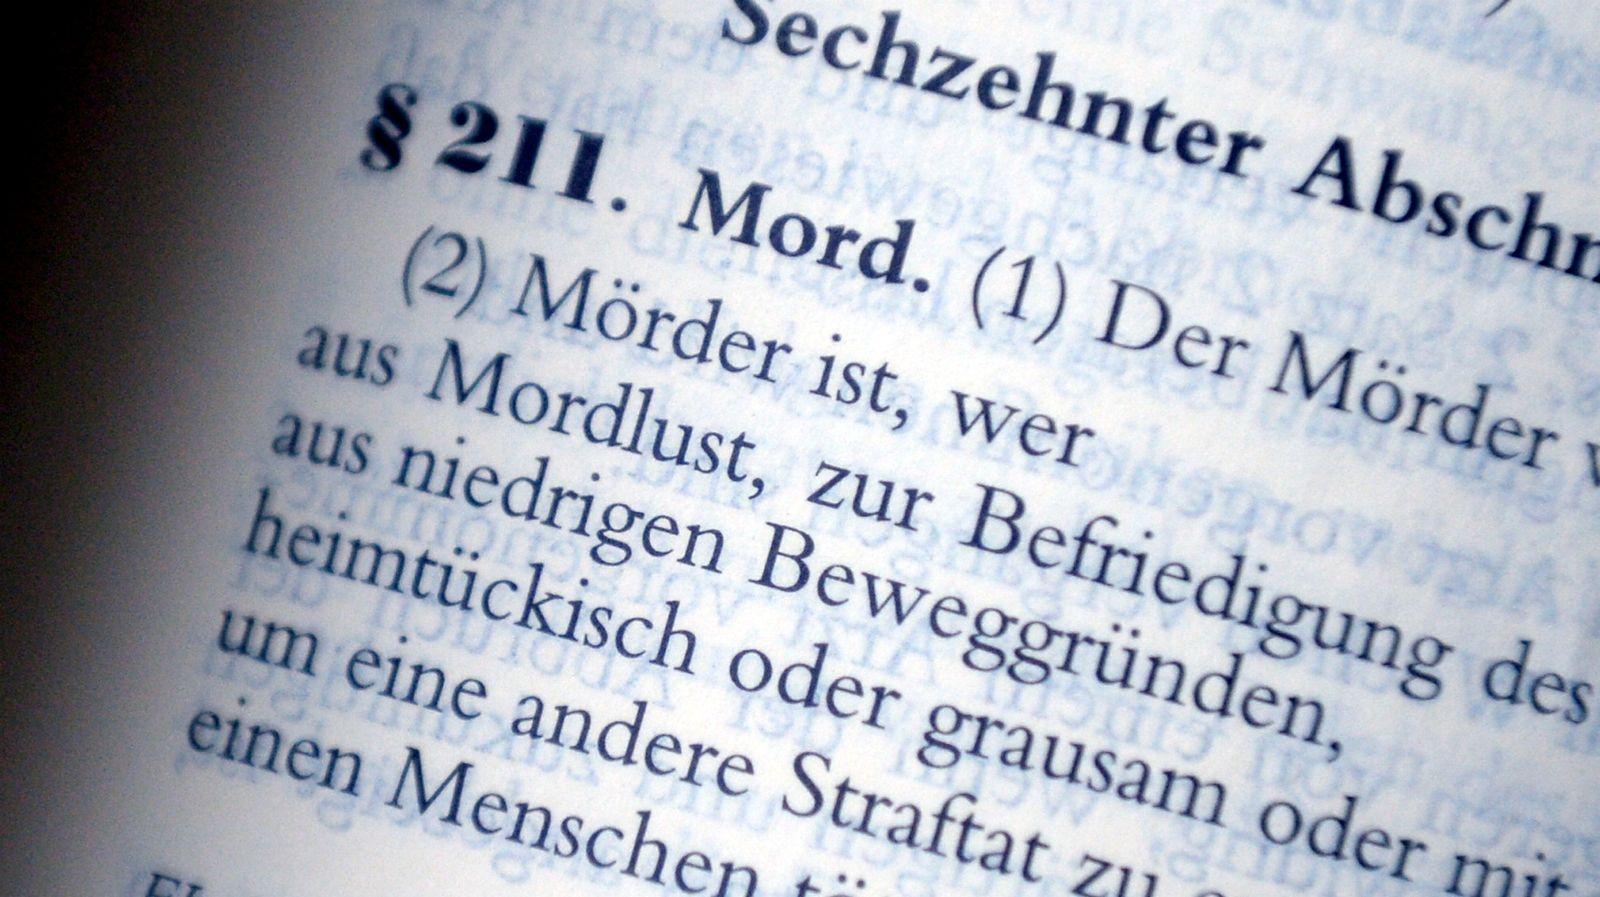 §211/ Strafgesetzbuch